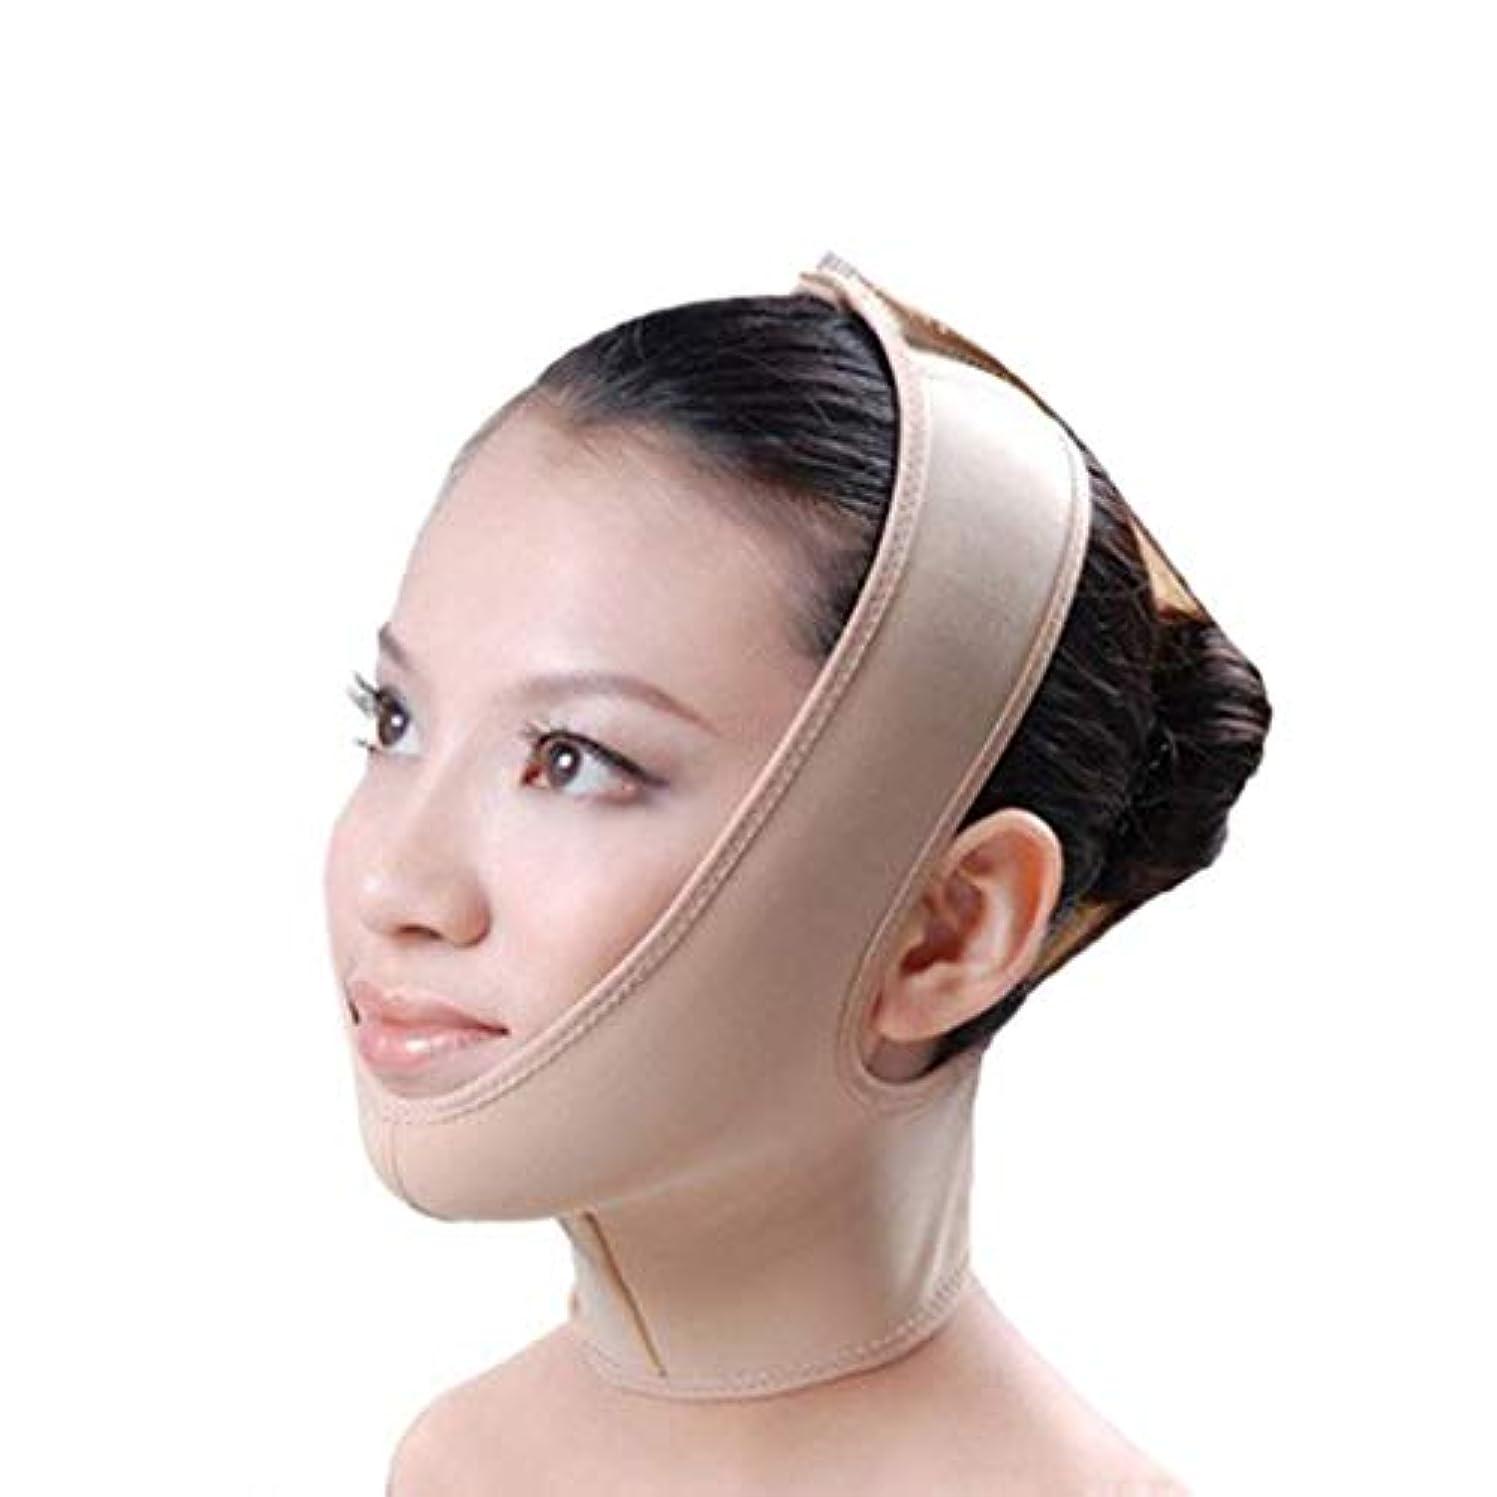 おとなしいマイナーヒューズフェイススリム、リフティングマスク、包帯リフト、二重あご、引き締めフェイシャルリフト、フェイシャル減量マスク、リフティングスキン包帯(サイズ:XL),XL